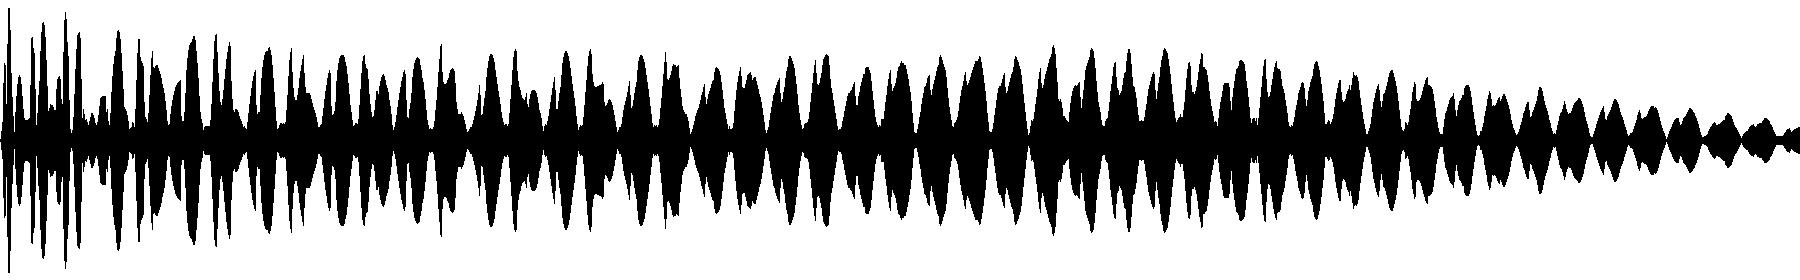 veh2 synths   078 c